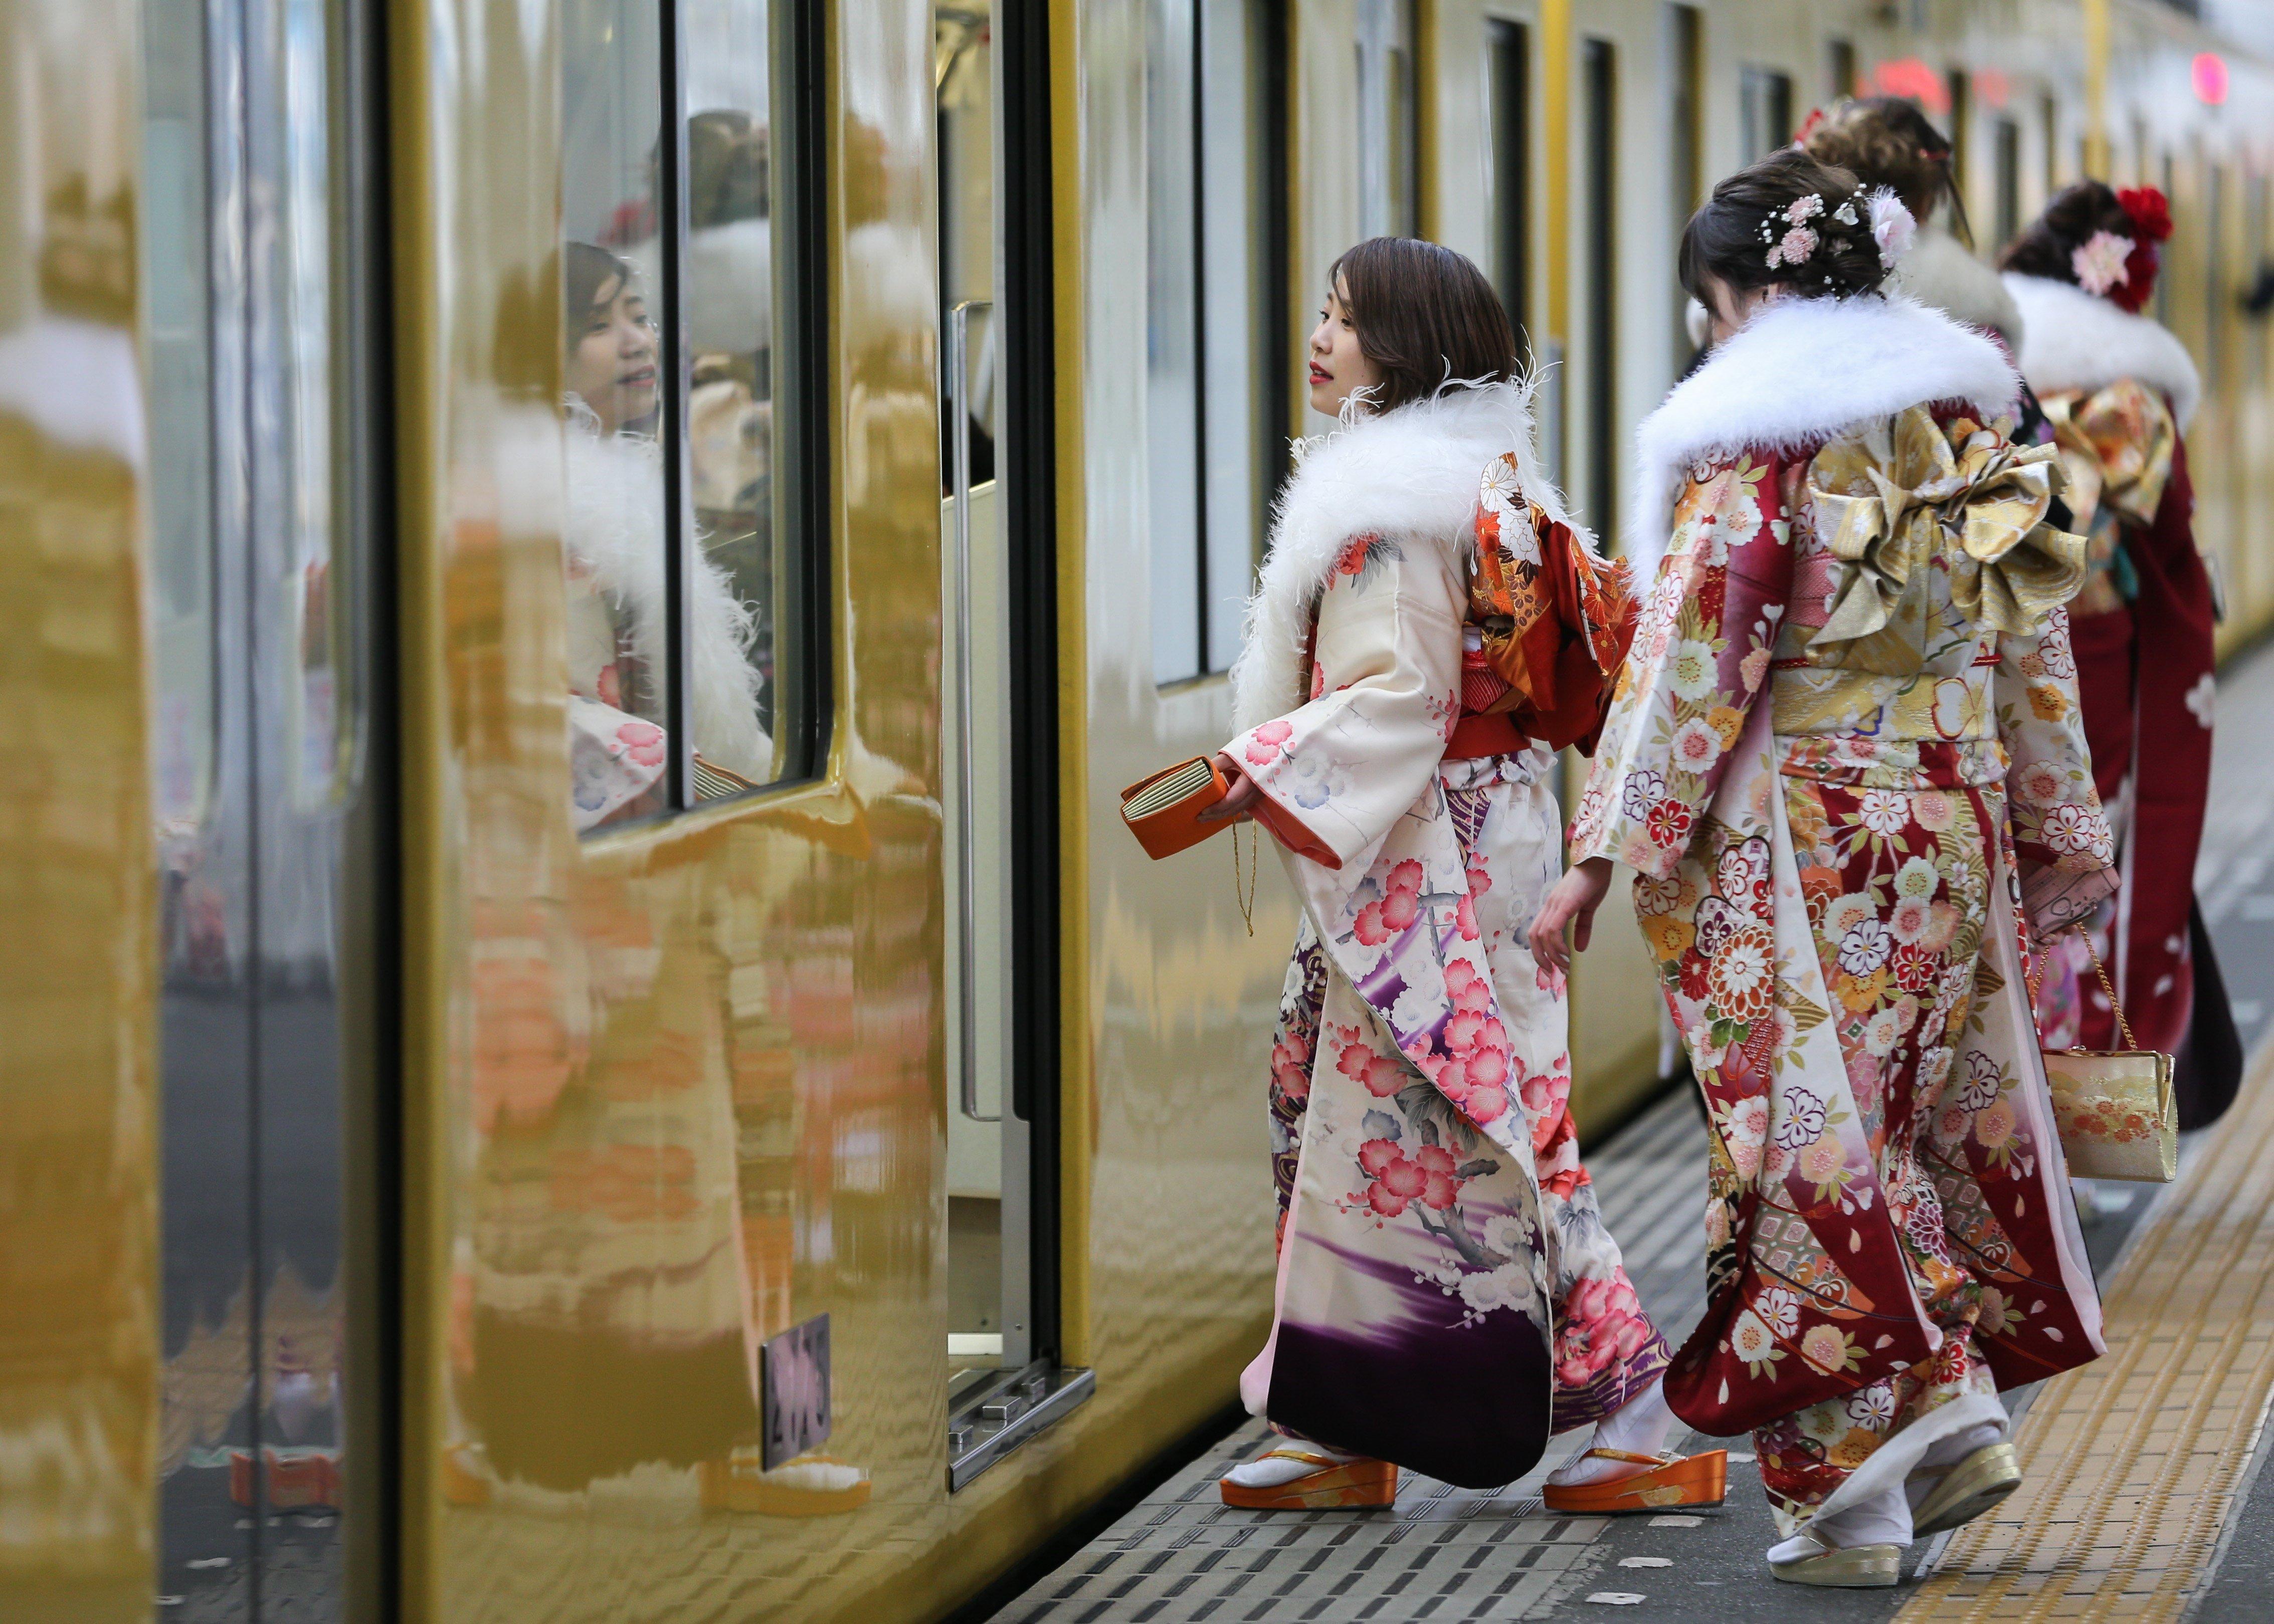 Cada 8 de gener, els joves que compleixen 20 anys celebren la seva majoria d'edat al Japó. /CHRISTOPHER JOE